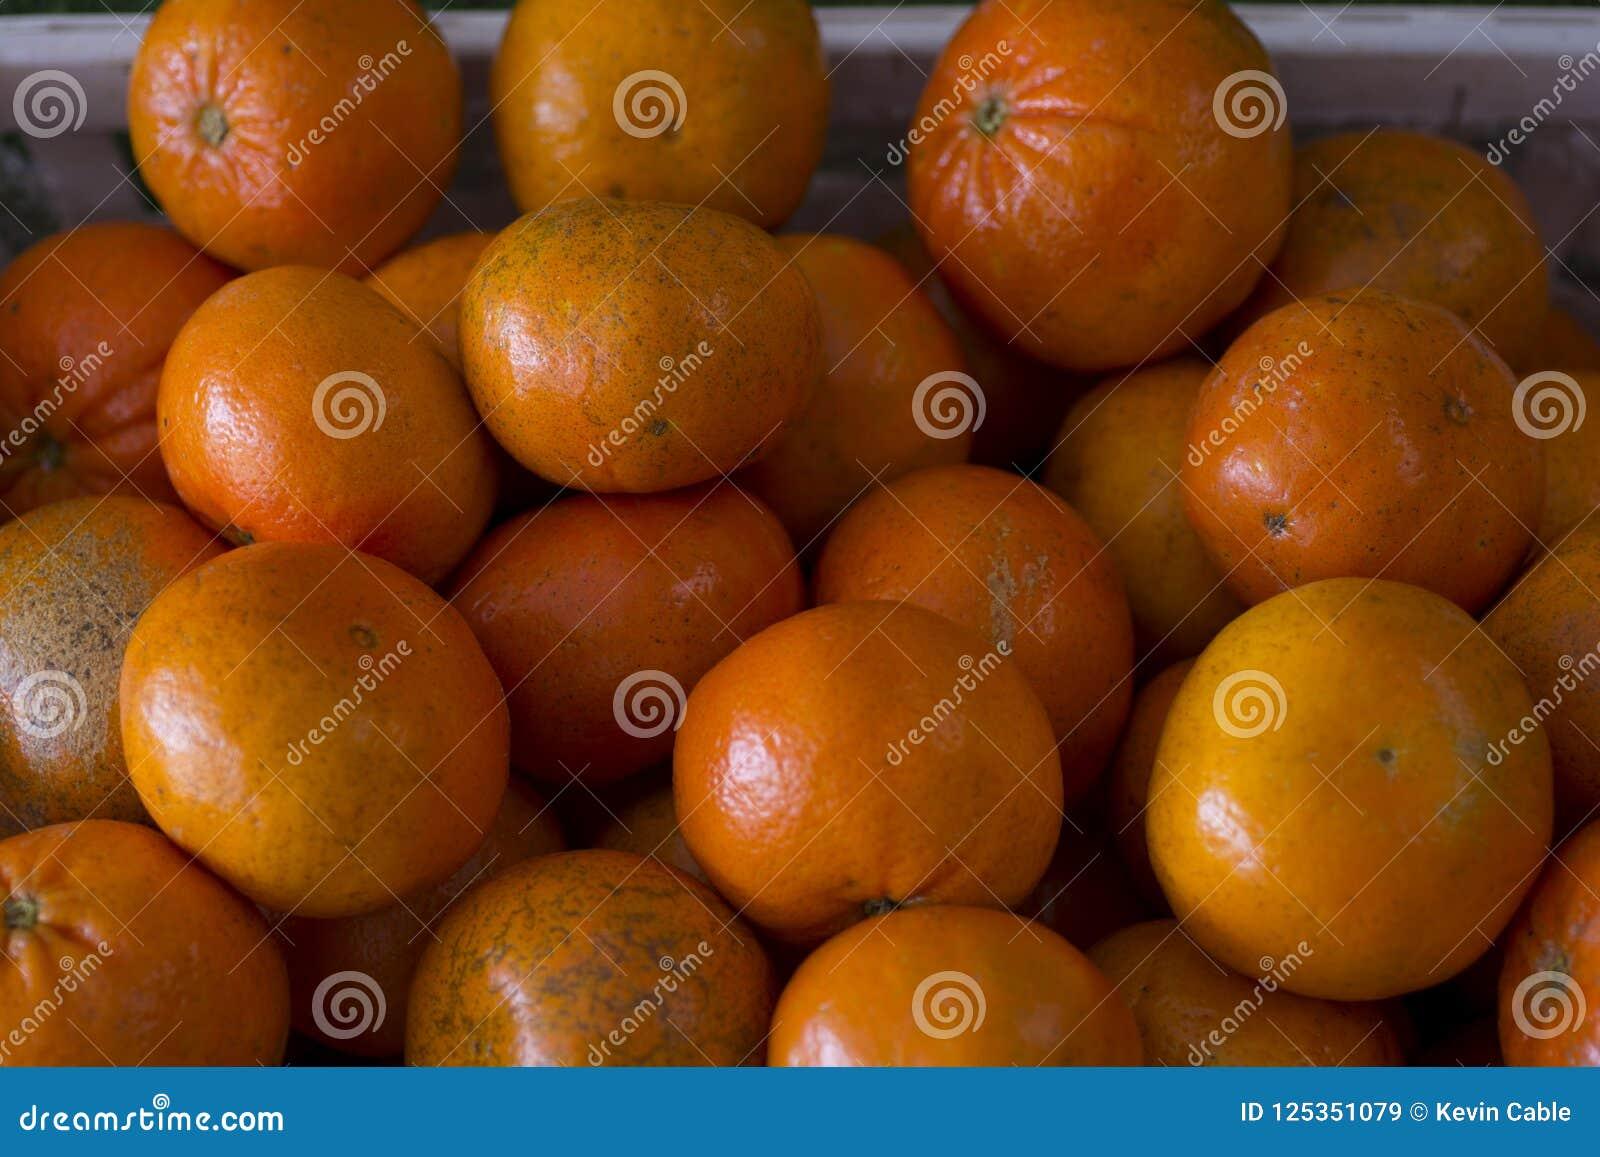 Grupo de tangerinas em um escaninho